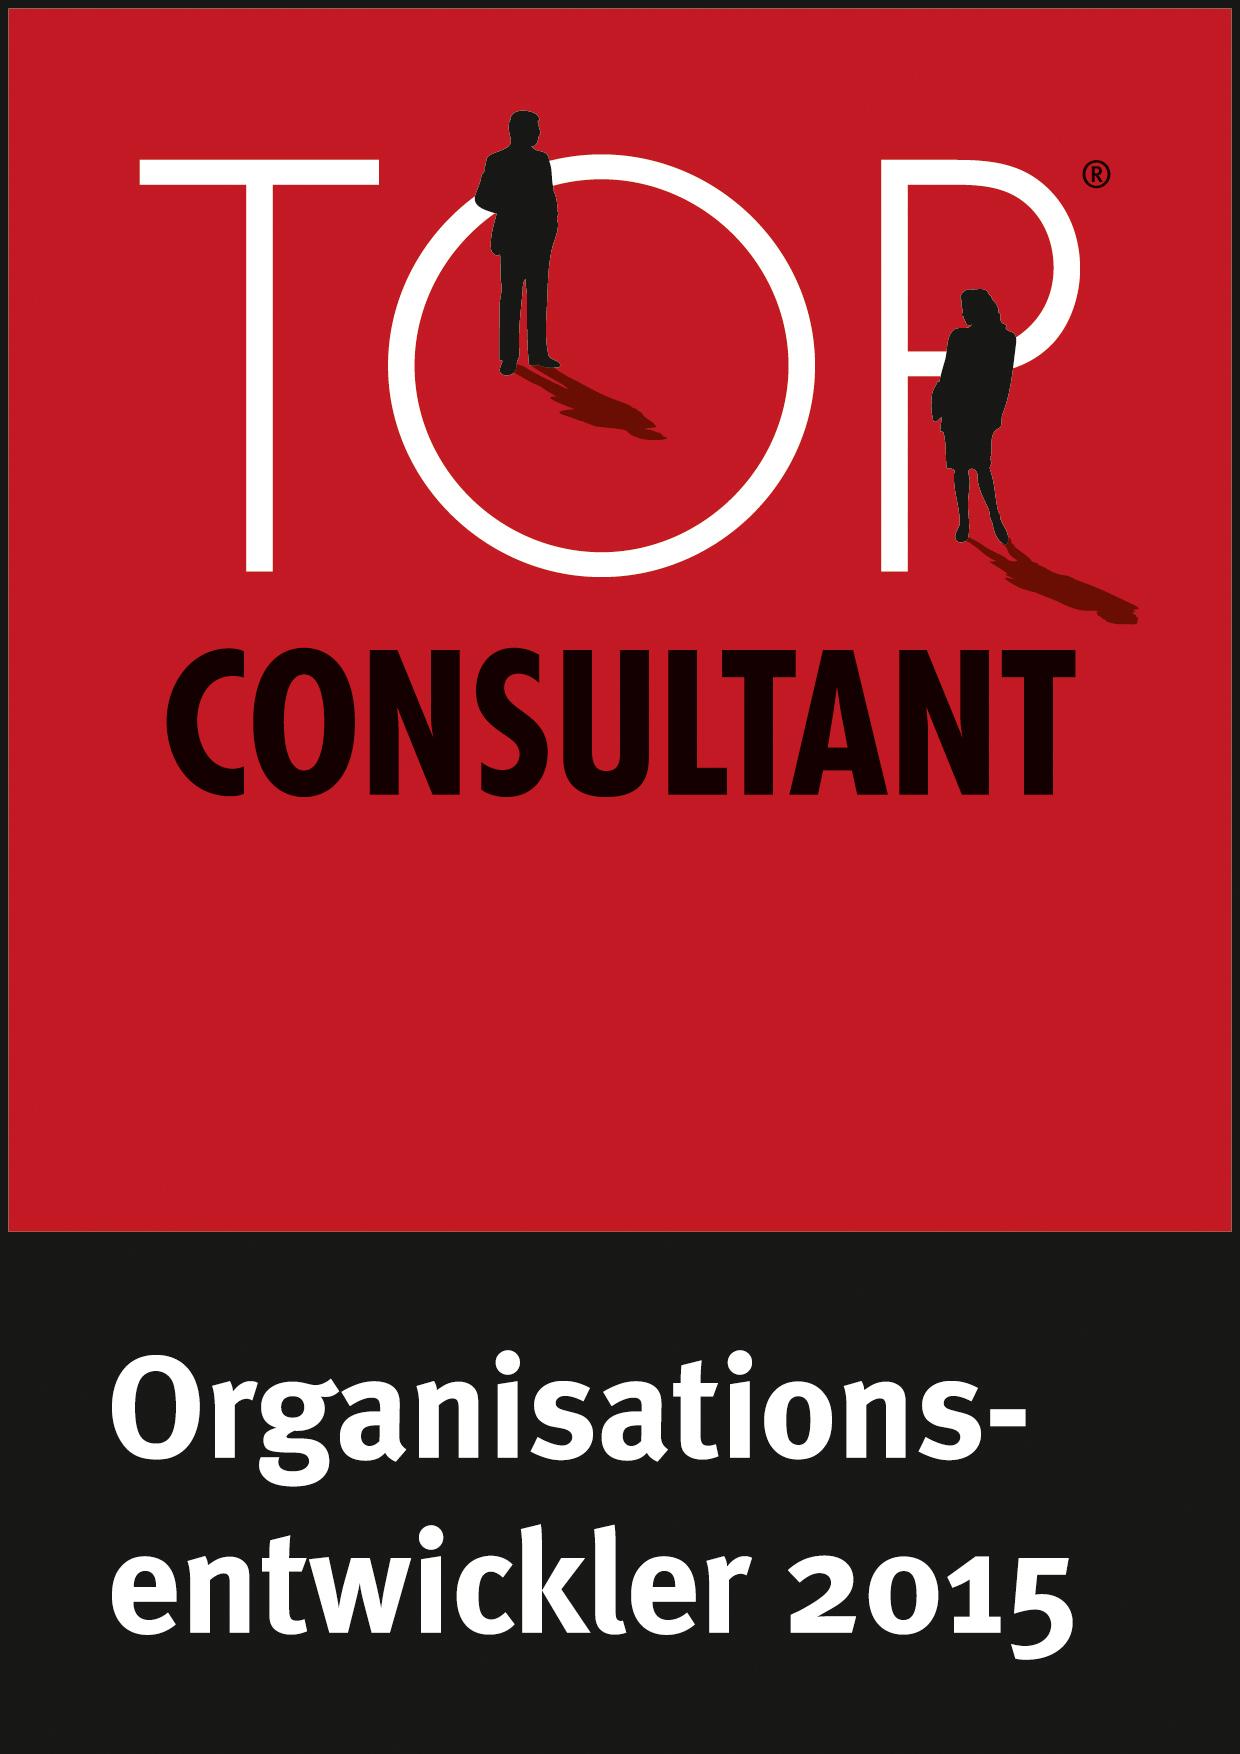 Top Consultant - Auszeichnung als Organisationsentwickler 2015